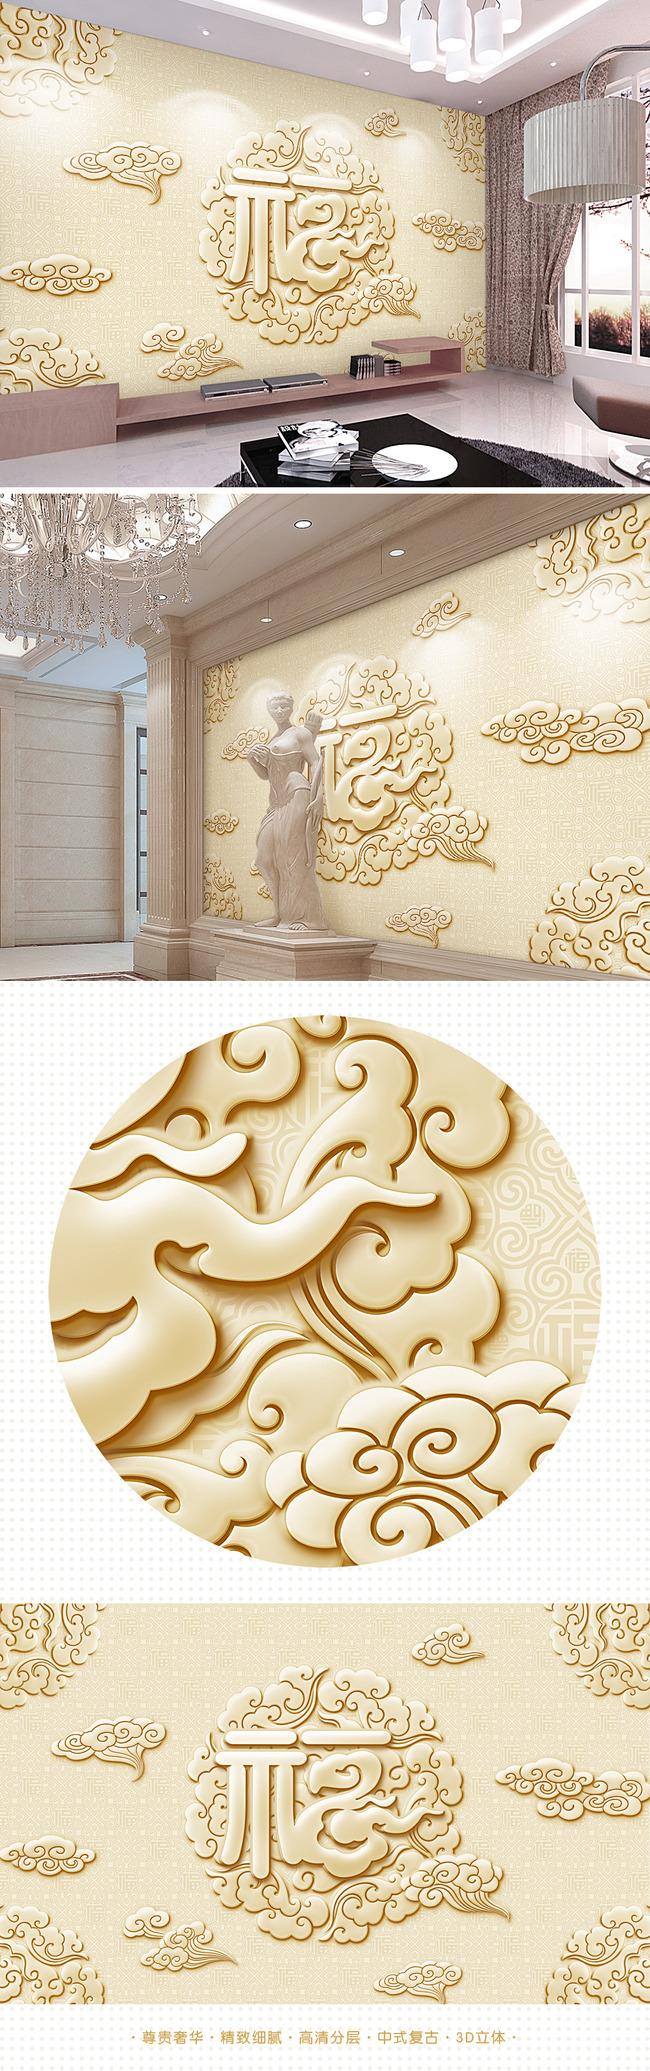 壁画 彩砖 彩雕 木雕 雕花 浮雕 雕刻 3d背景 立体背景墙 福 福字